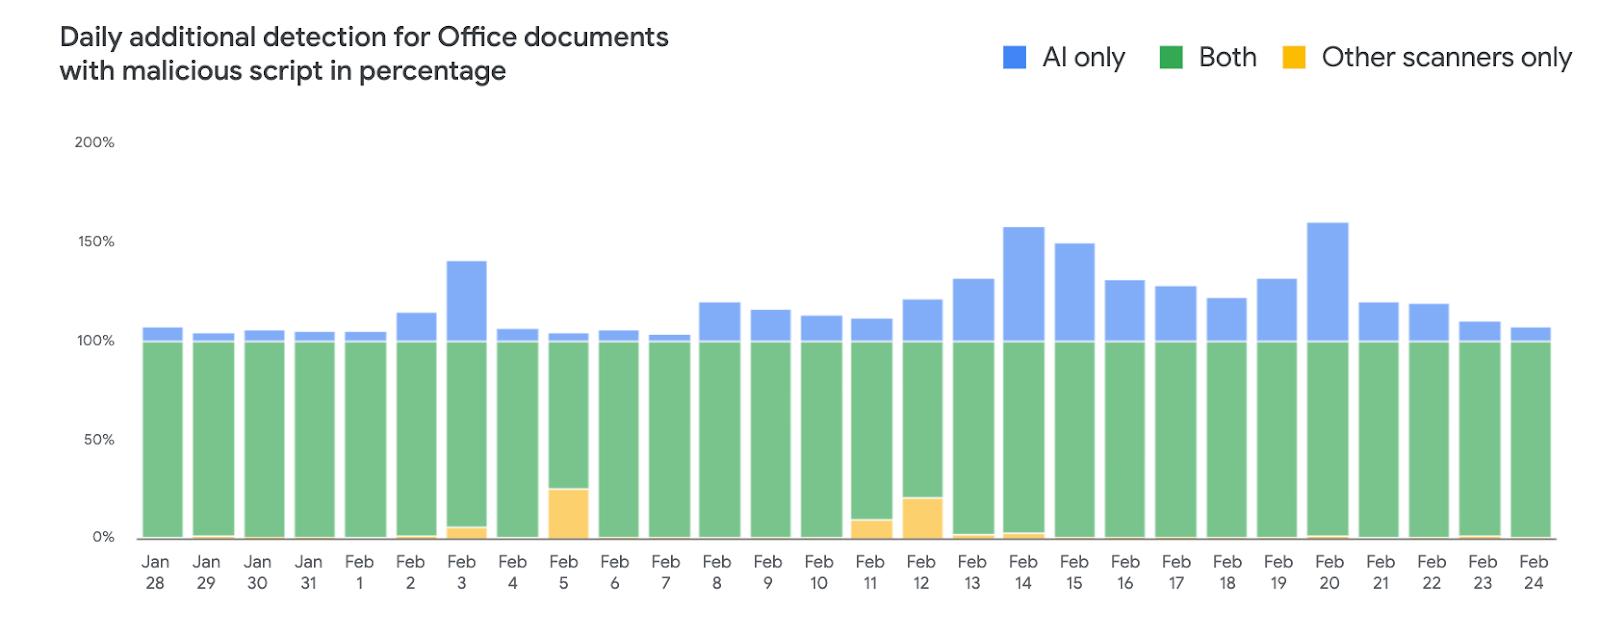 Google использует Deep learning для улучшения обнаружения вредоносных документов в Gmail - 1